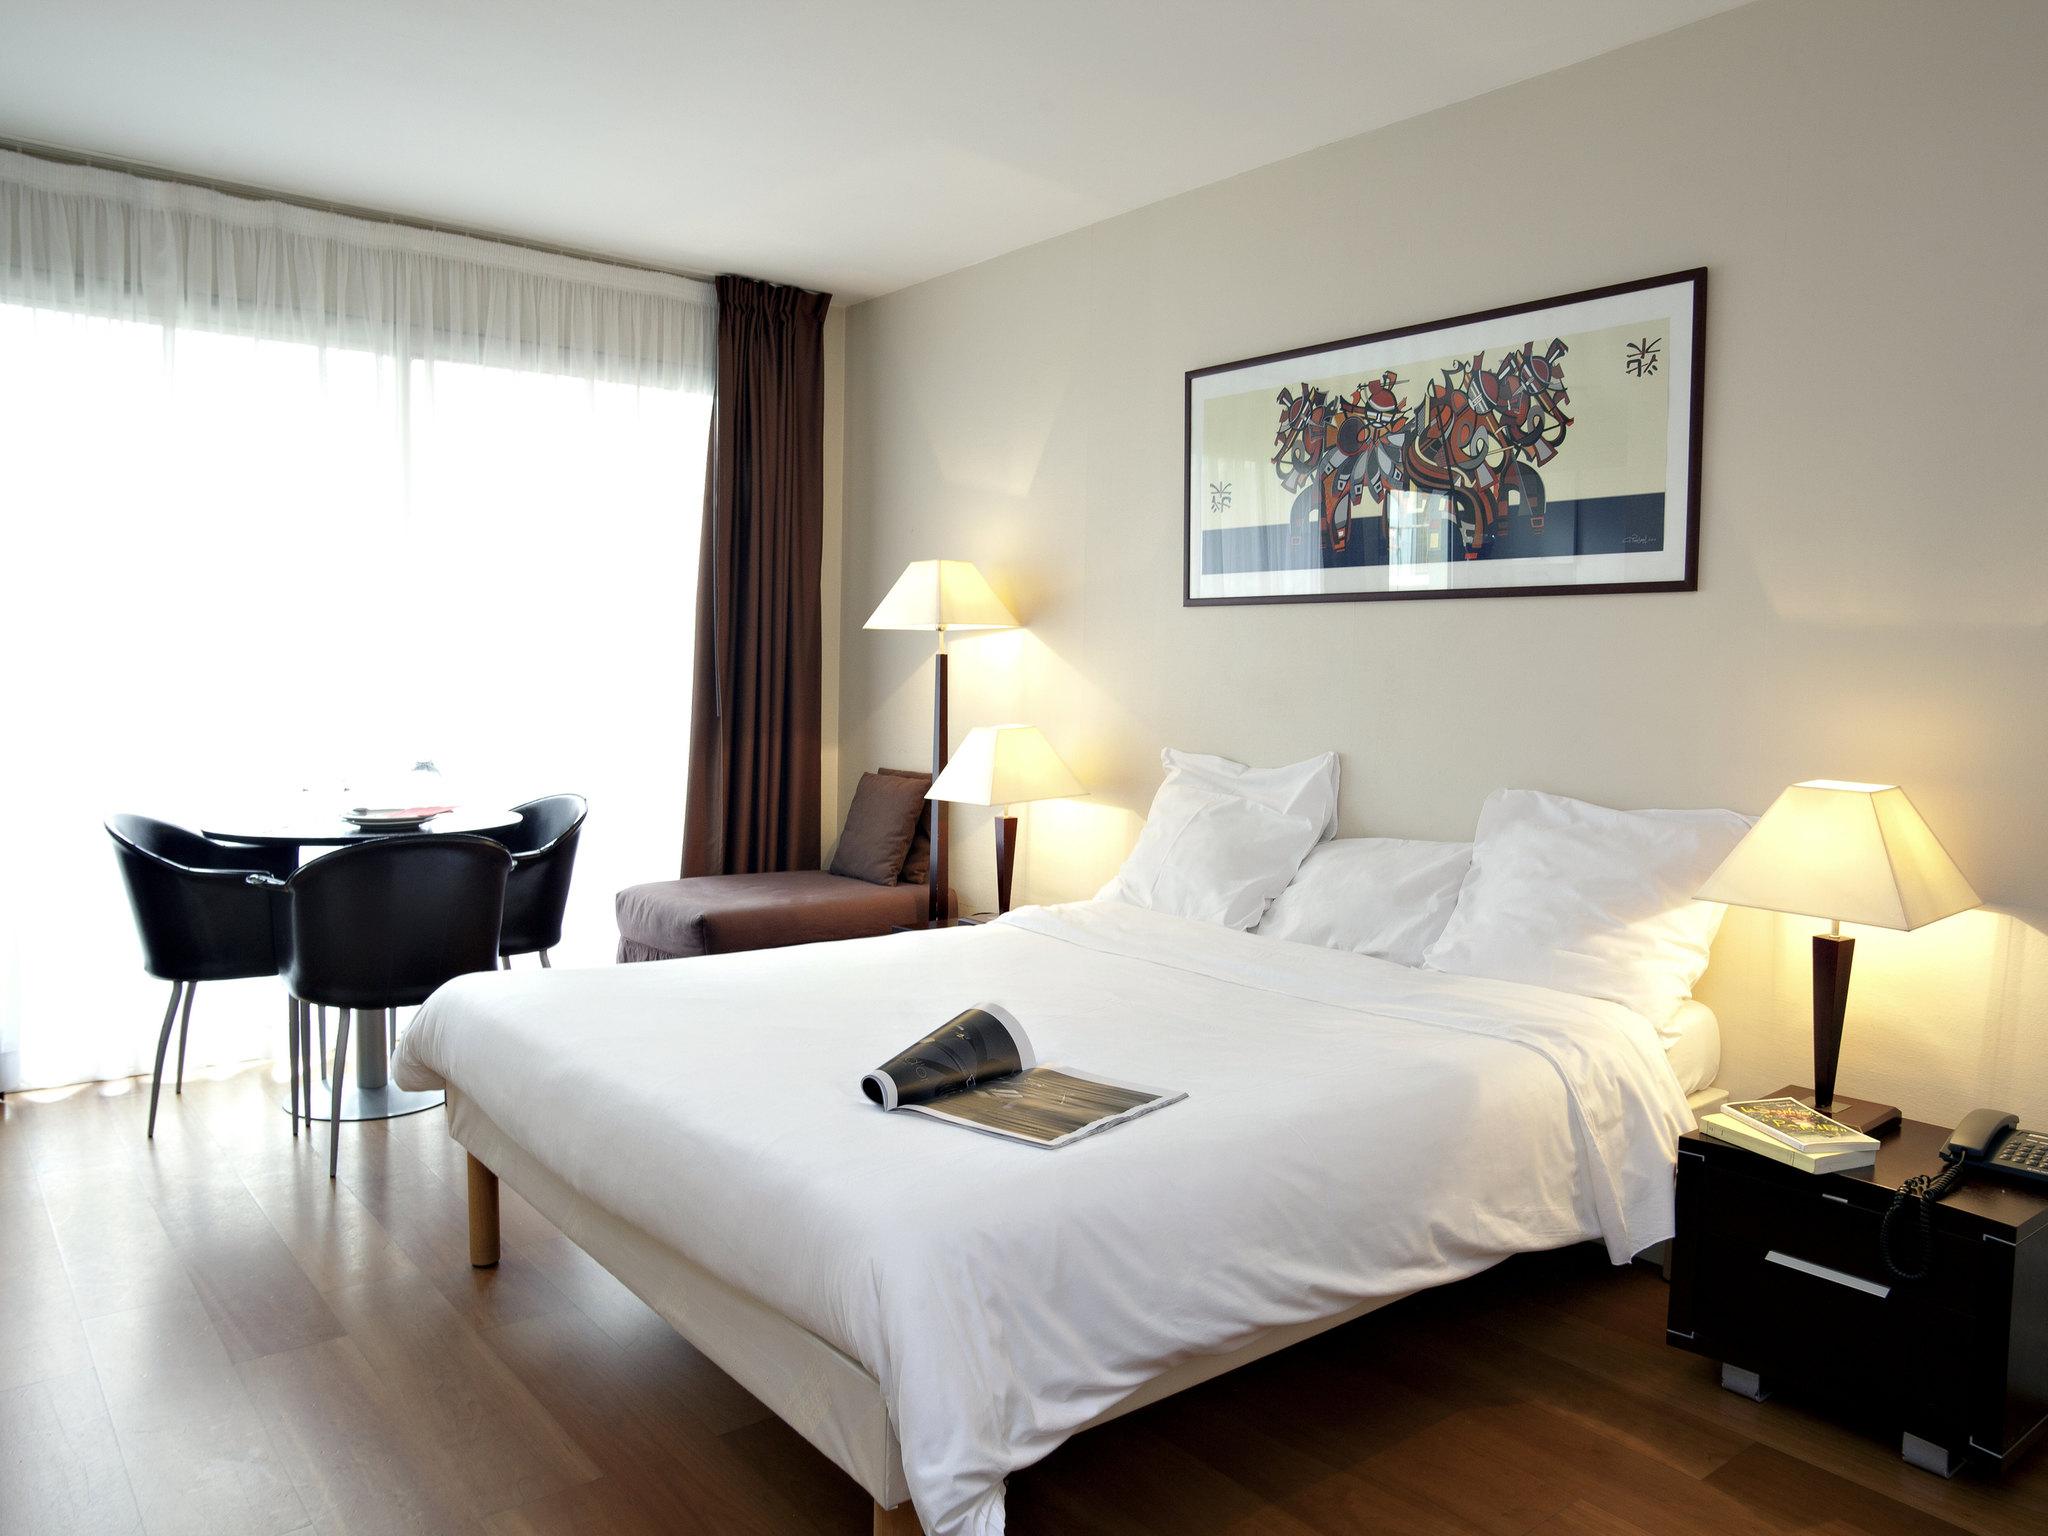 酒店 – 阿德吉奥阿克瑟斯巴黎埃菲尔铁塔圣查尔斯公寓式酒店